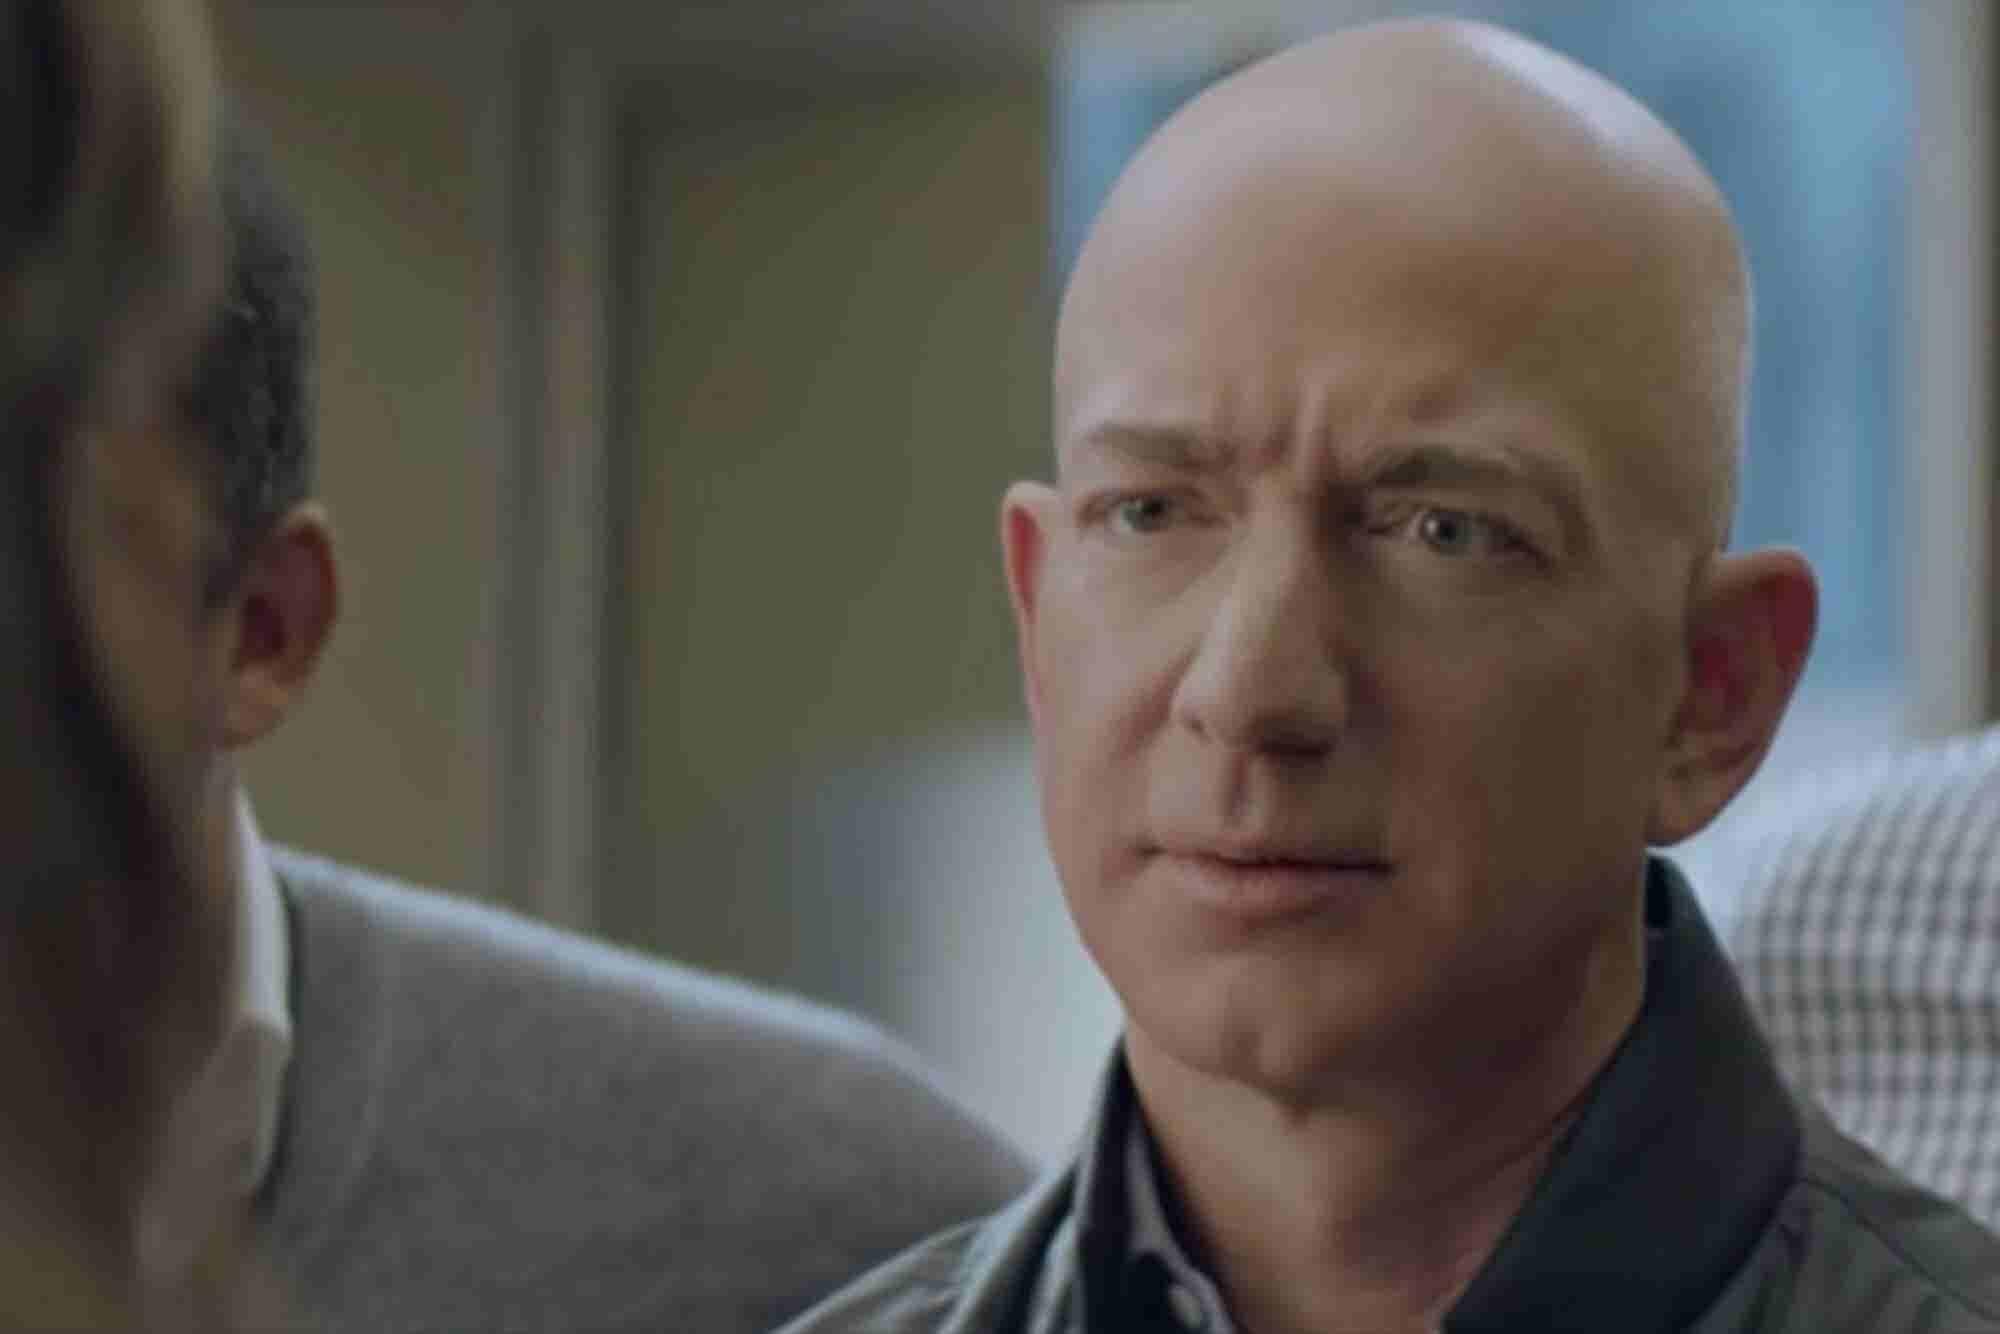 Billionaire Jeff Bezos Will Star in Amazon's Super Bowl Ad